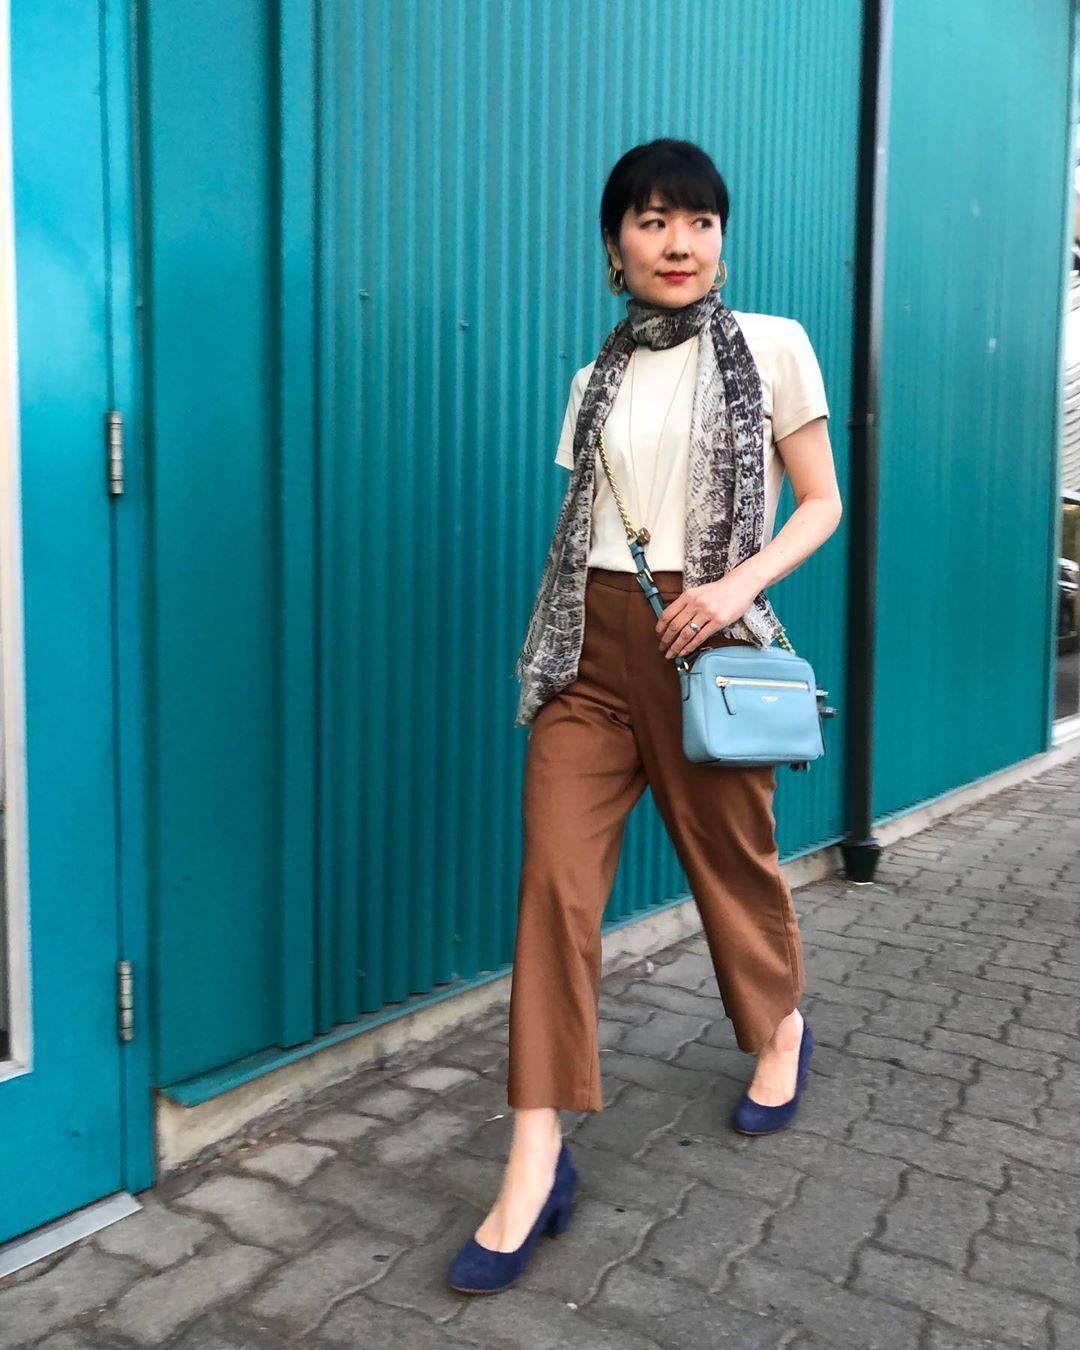 最高気温28度・最低気温22度 i.styleclosetの服装